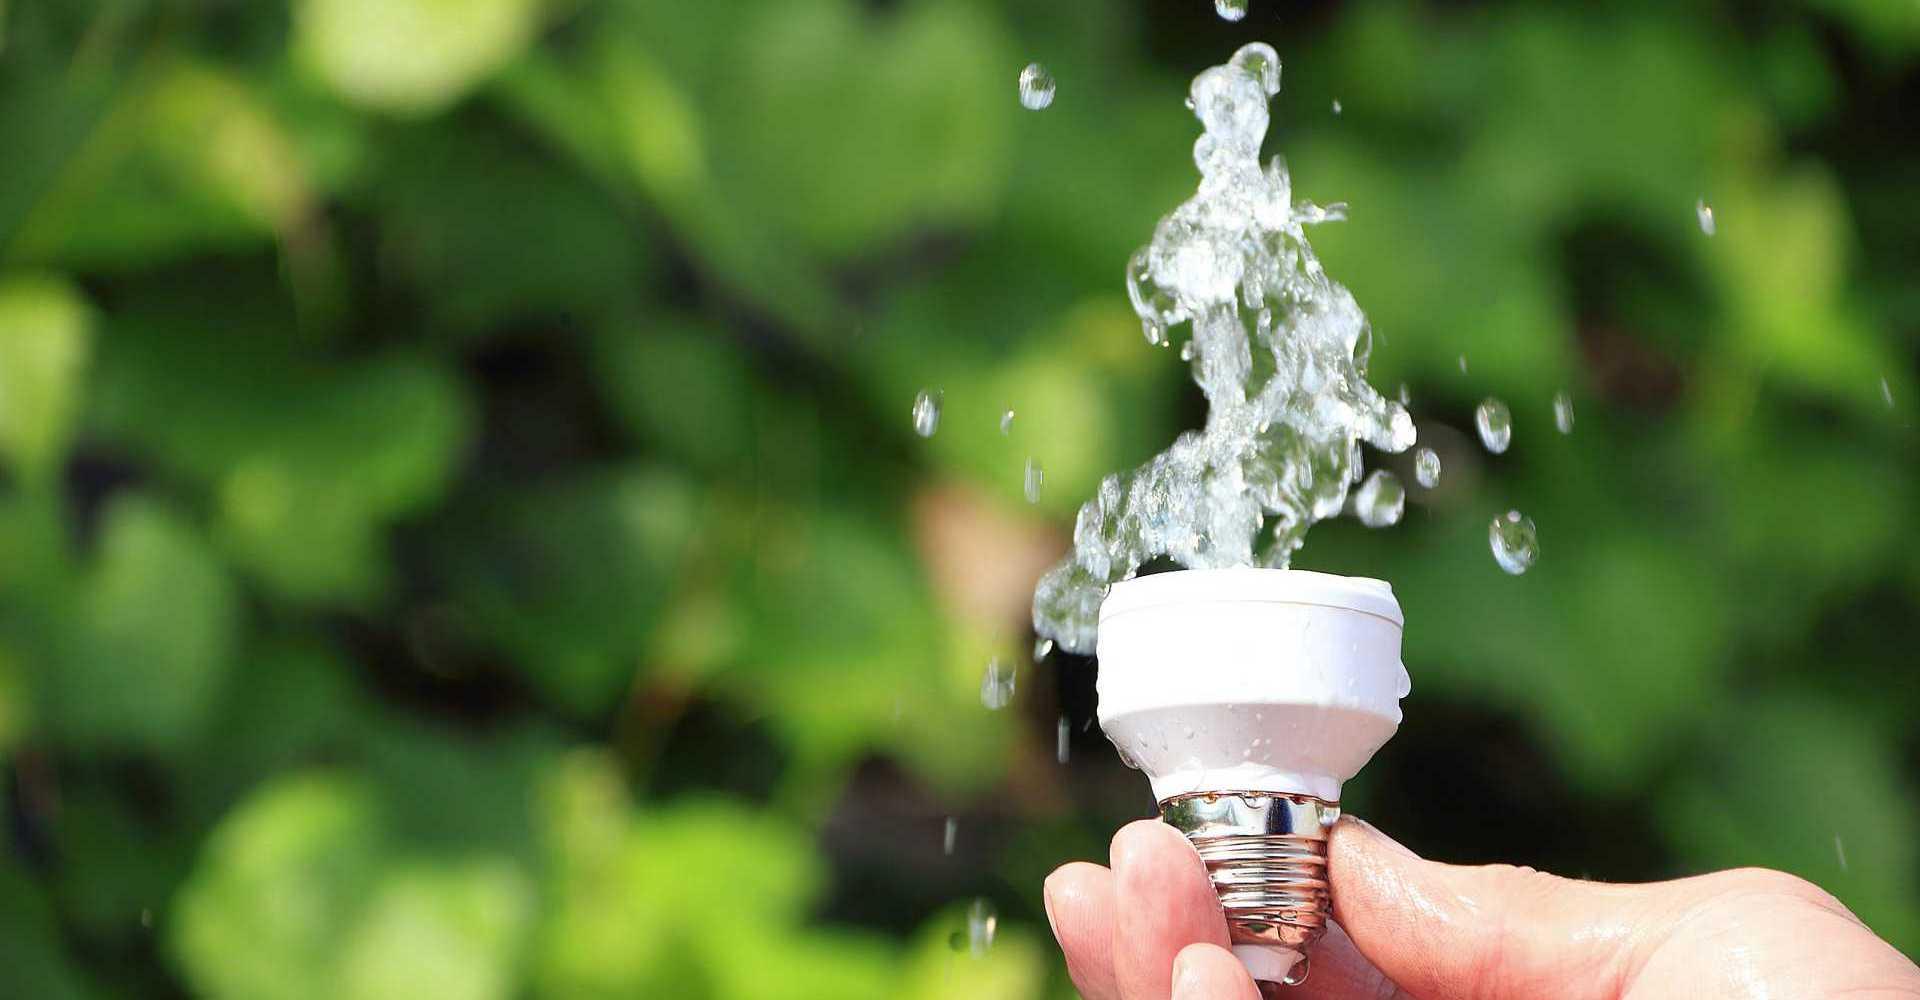 Strom und Wasser sparen